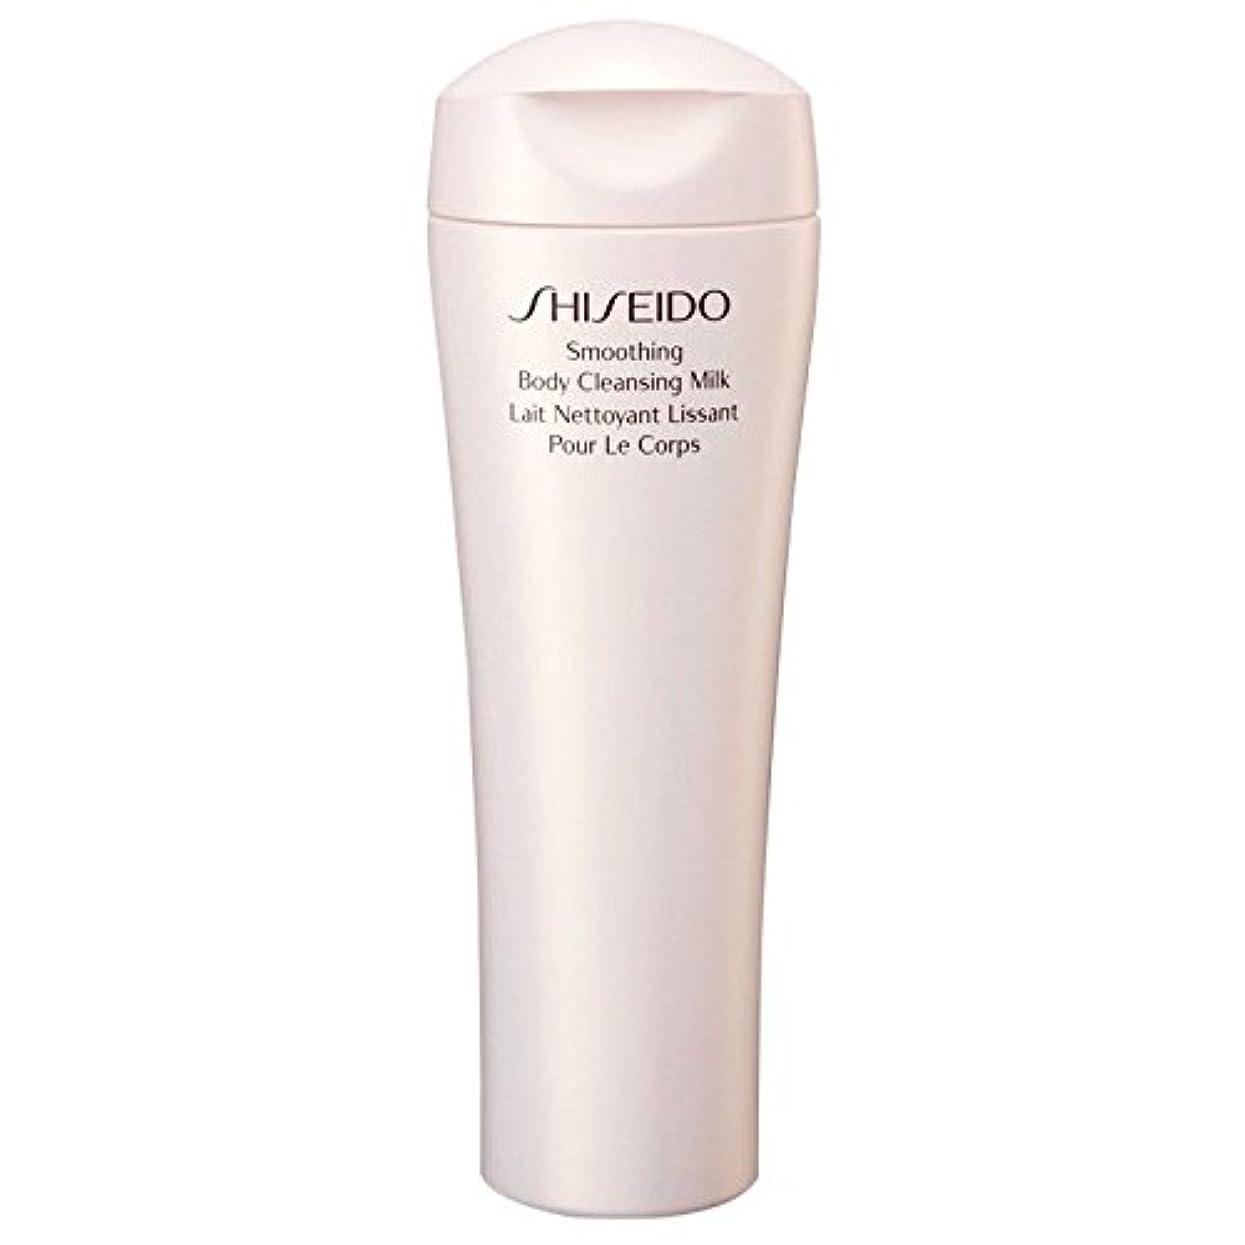 船トイレウール[Shiseido] 資生堂スムージングボディクレンジングミルク200ミリリットル - Shiseido Smoothing Body Cleansing Milk 200ml [並行輸入品]